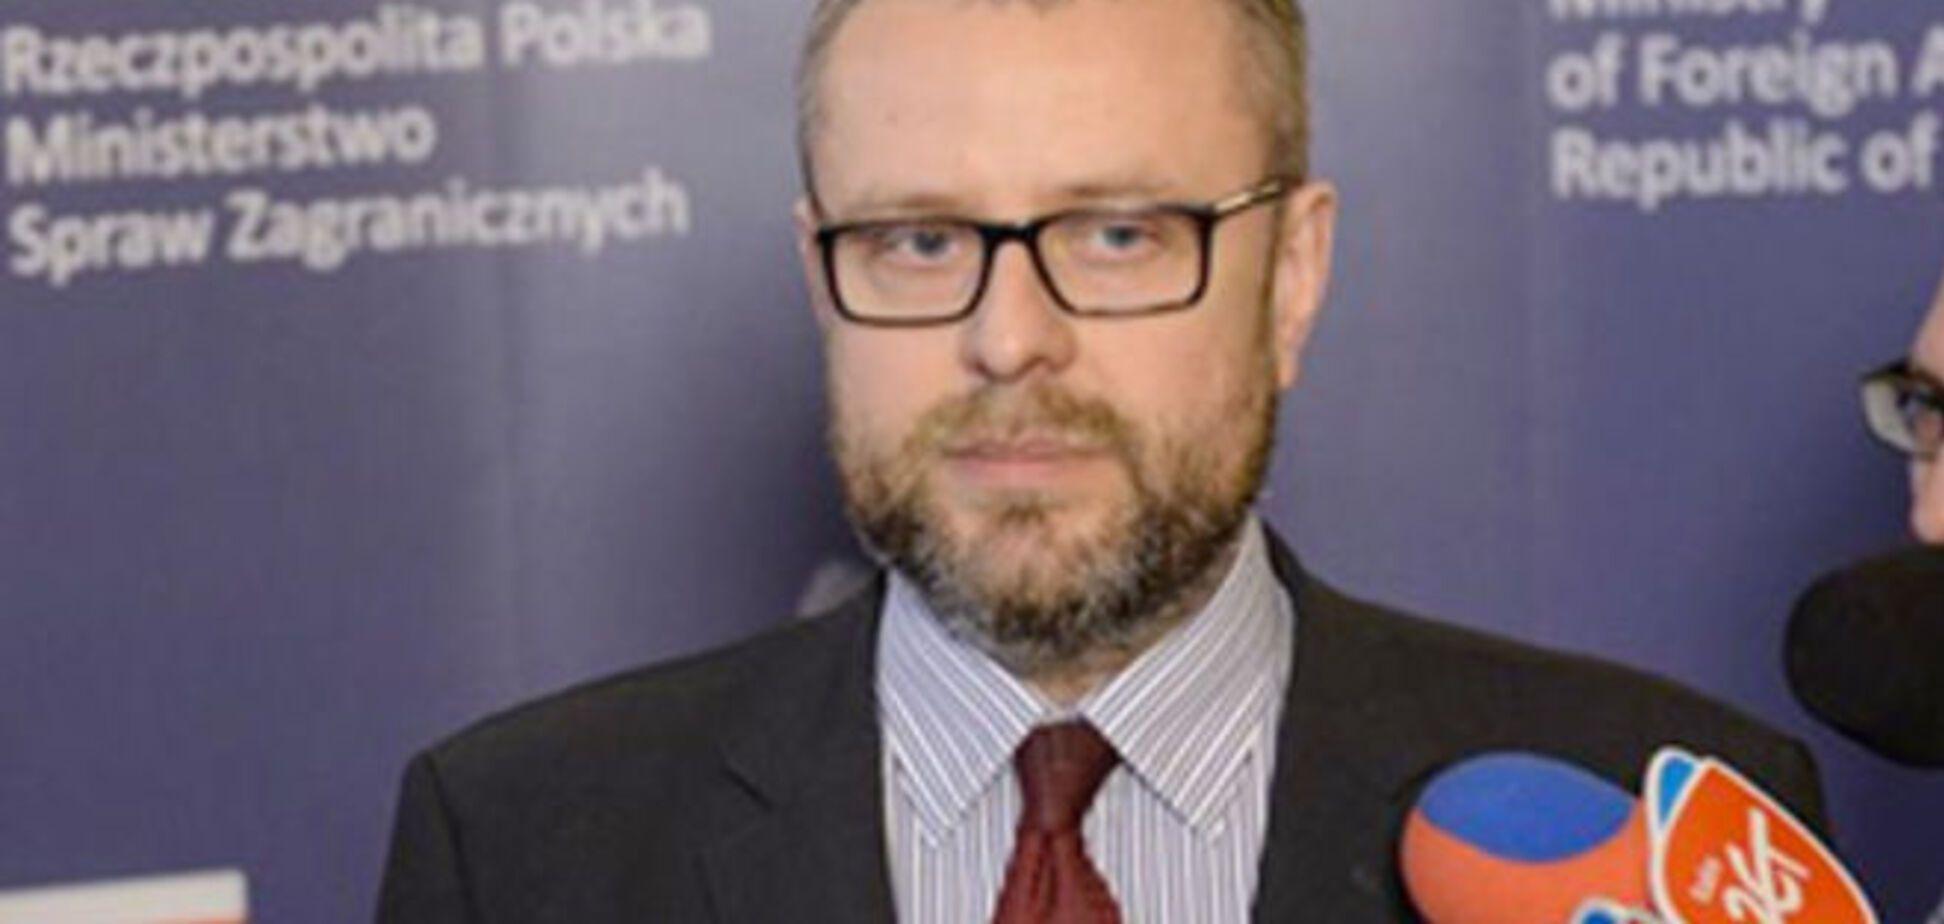 Новый посол - точка бифуркации в стратегических отношениях между Украиной и Польшей